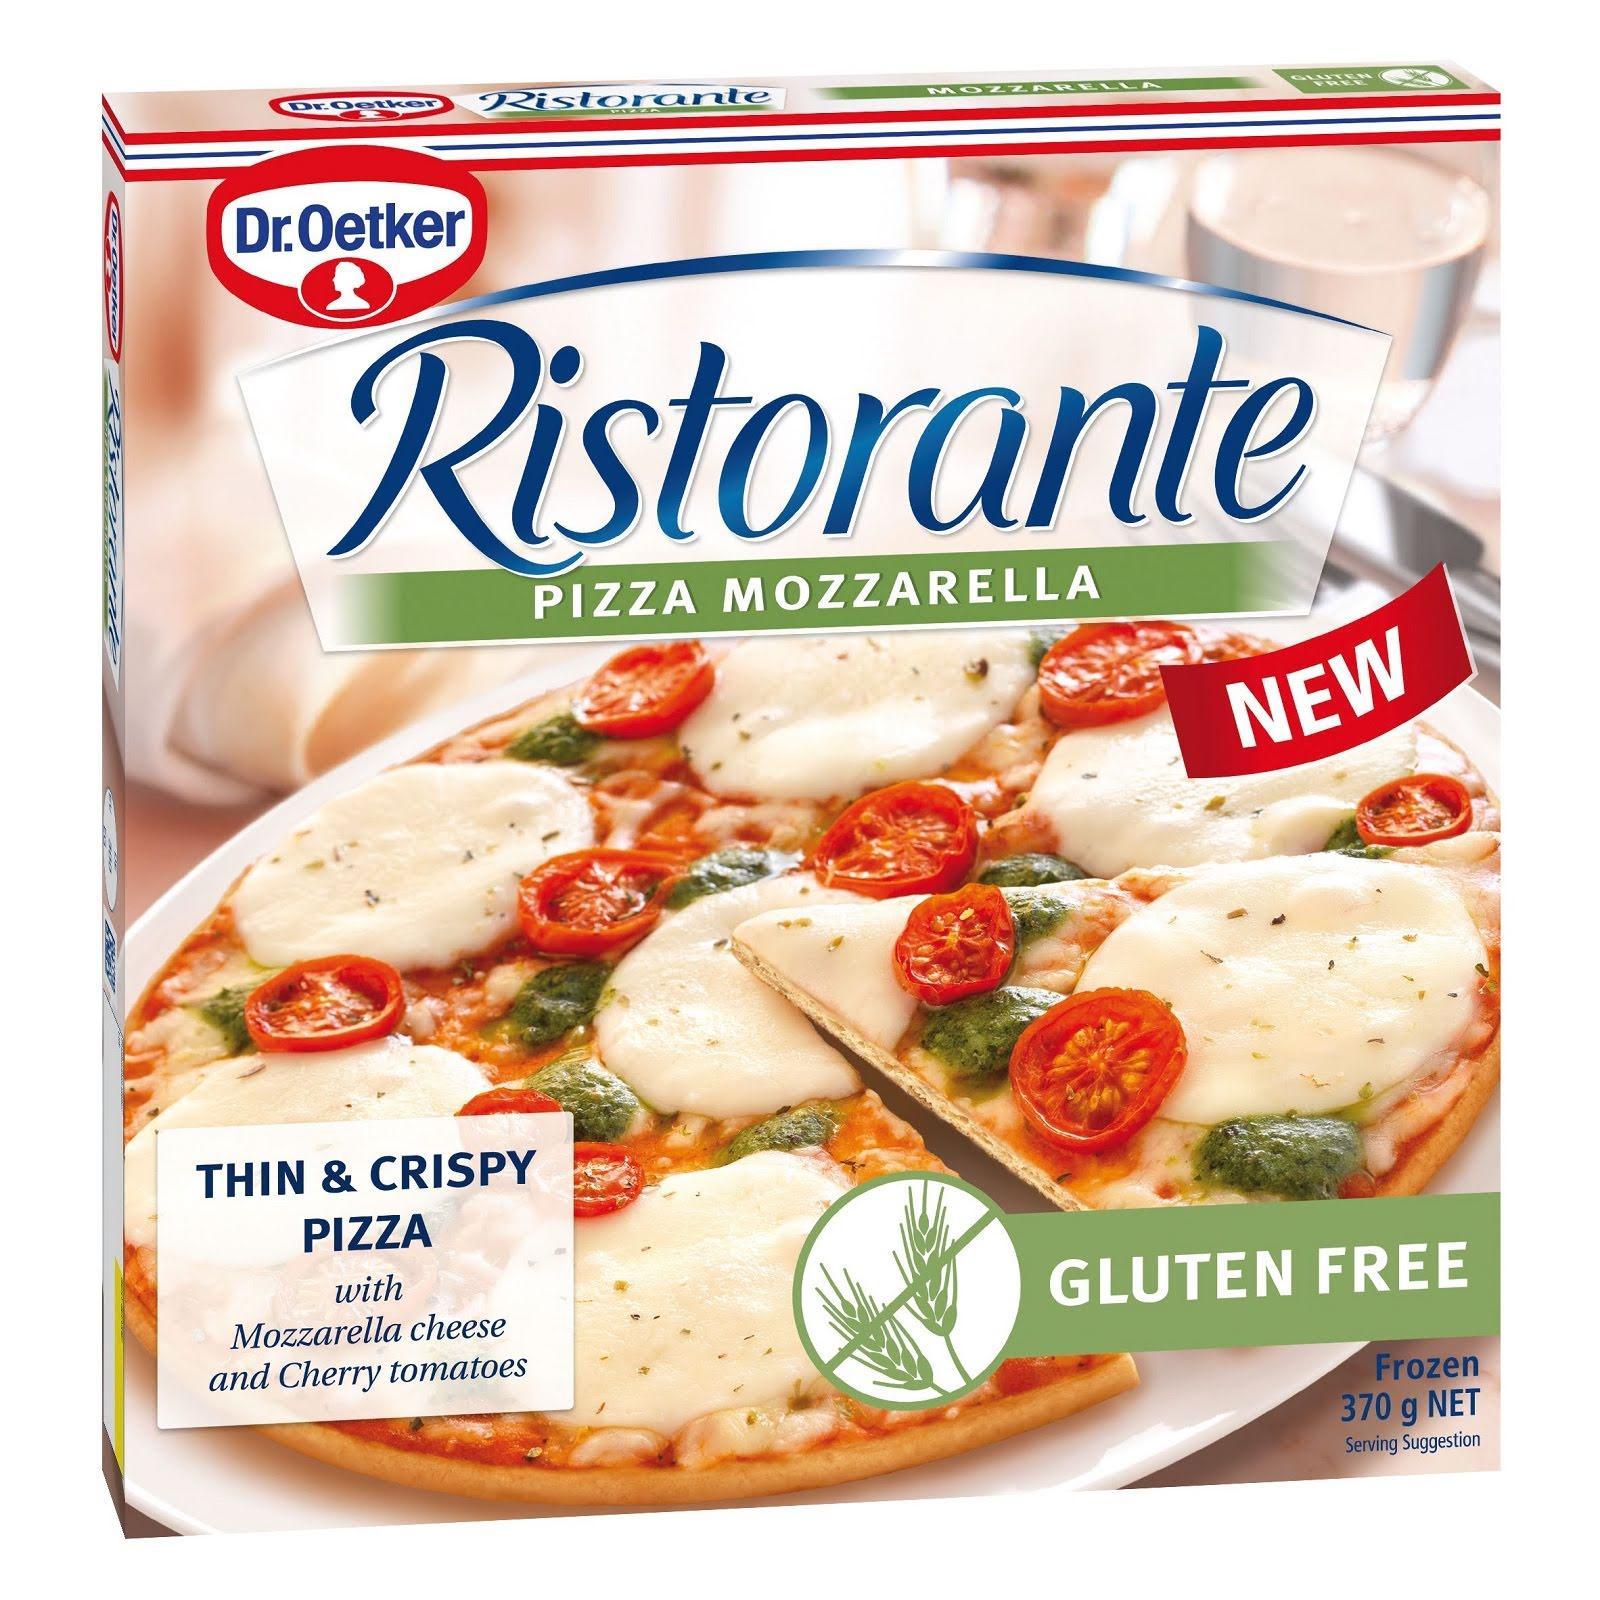 Dr Oetker Ristorante Mozzarella Gluten Free Pizza - Frozen